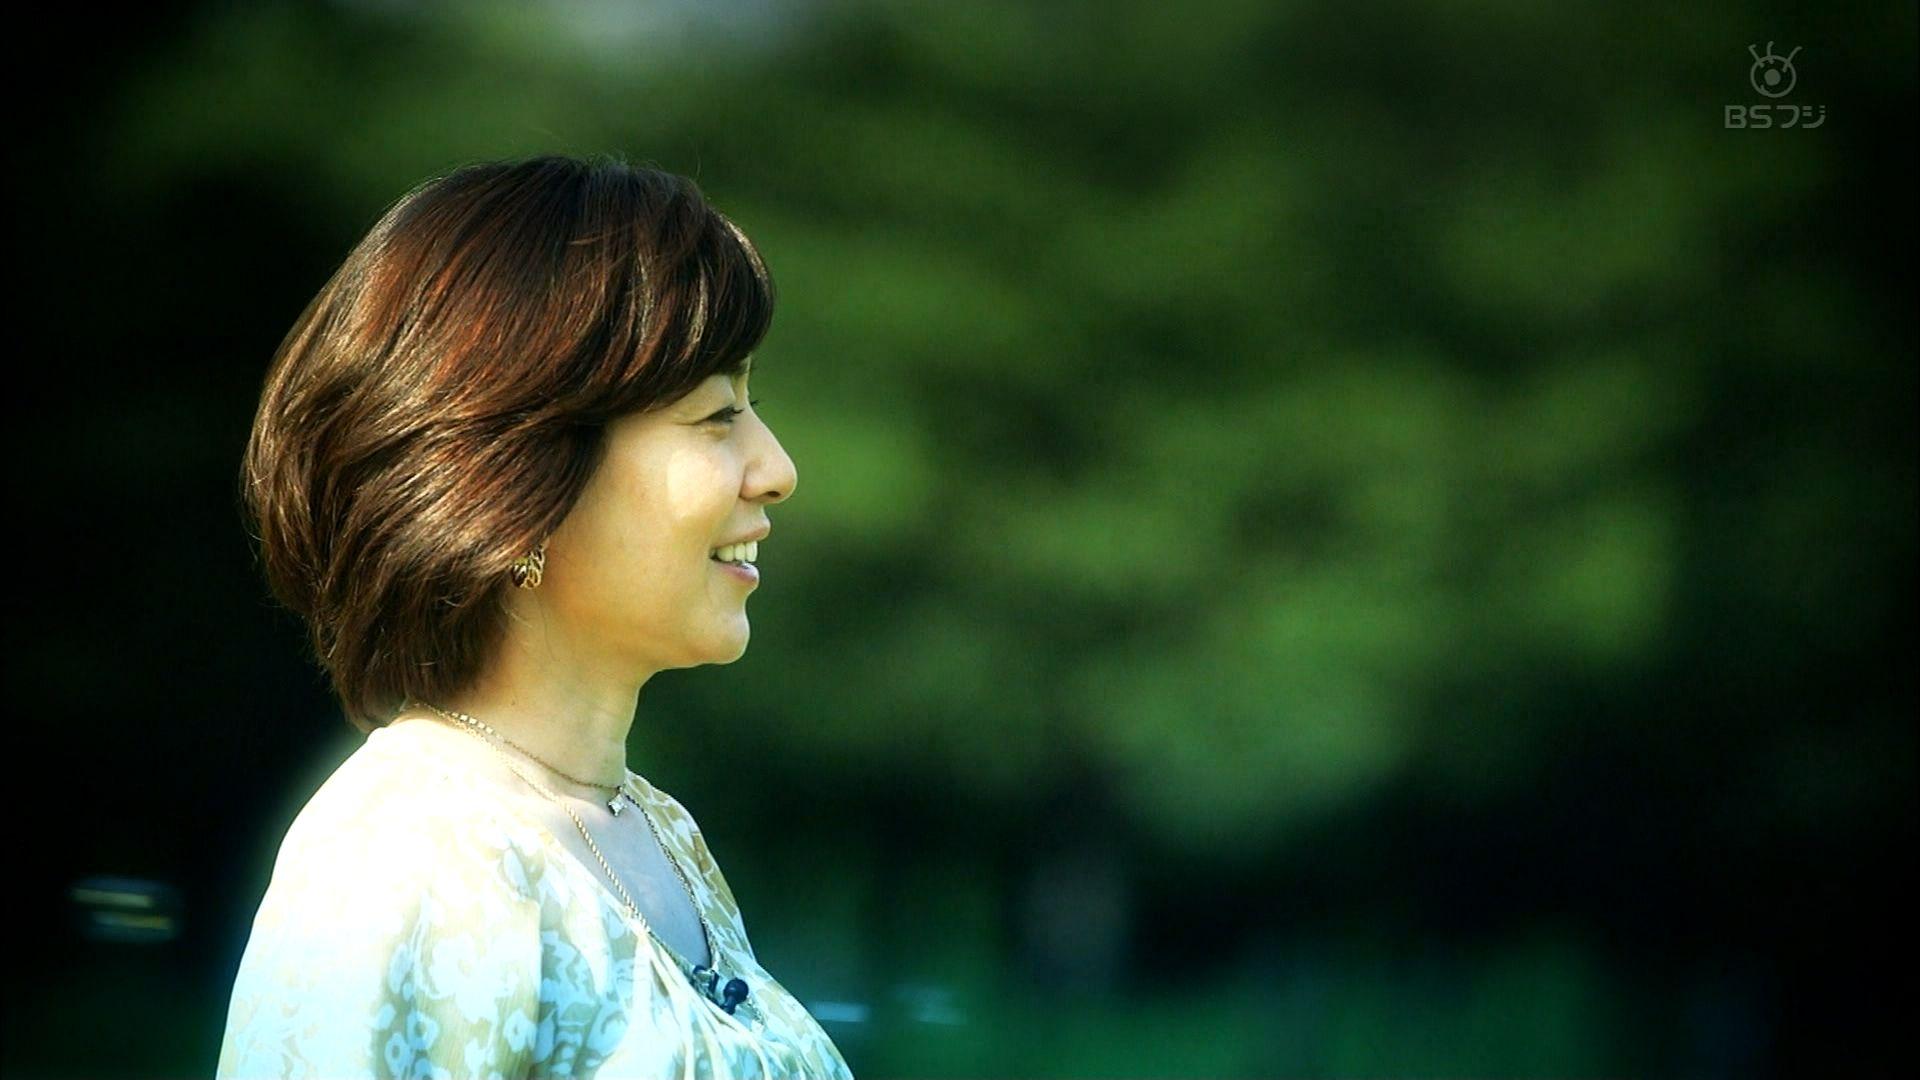 八木亜希子の画像 p1_33